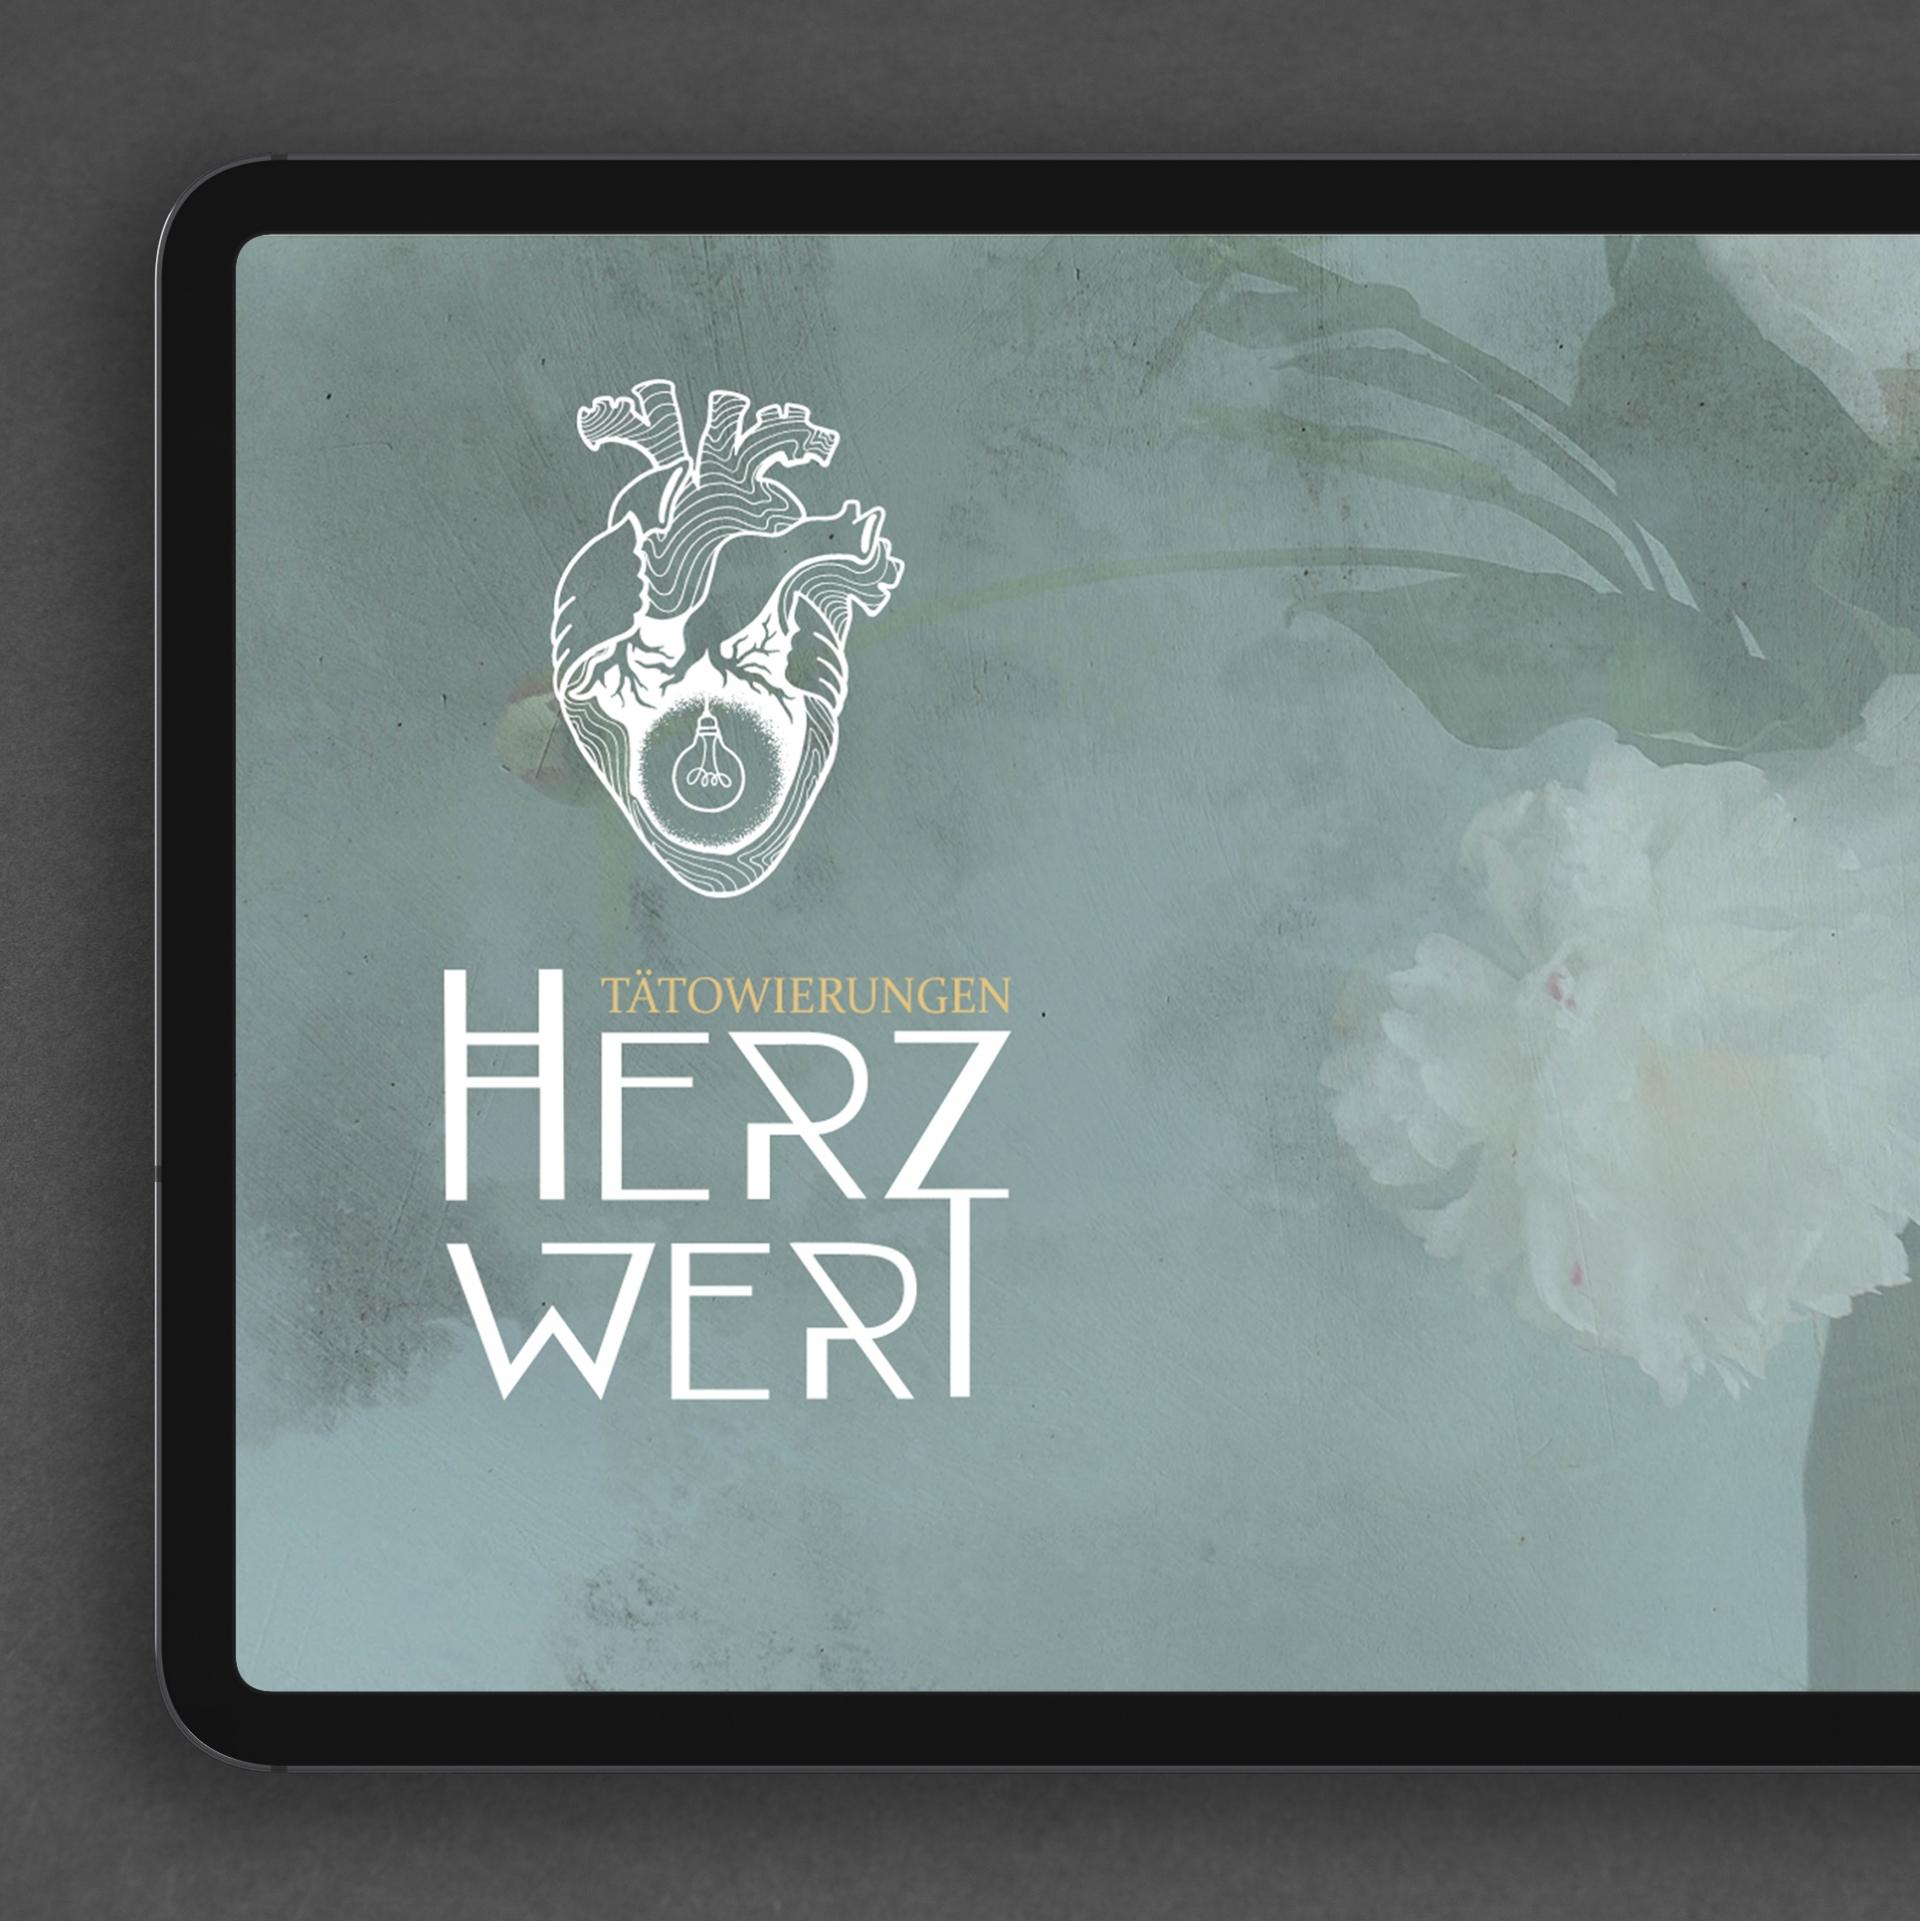 Webdesign Startseite Herzwert Tätowierungen